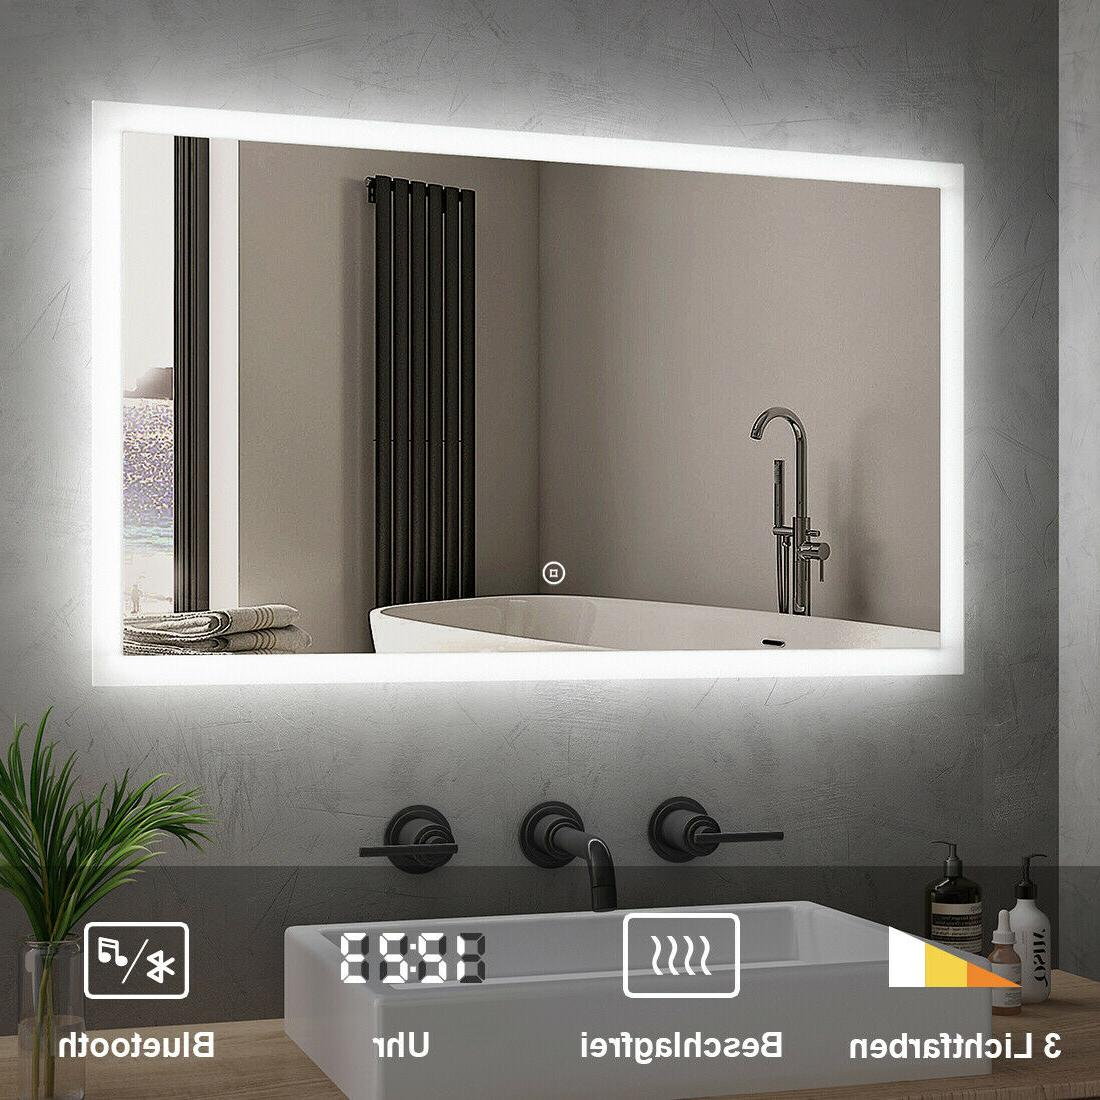 LED Badezimmerspiegel BAD SPIEGEL Beleuchtung Wandspiegel IP20 ...